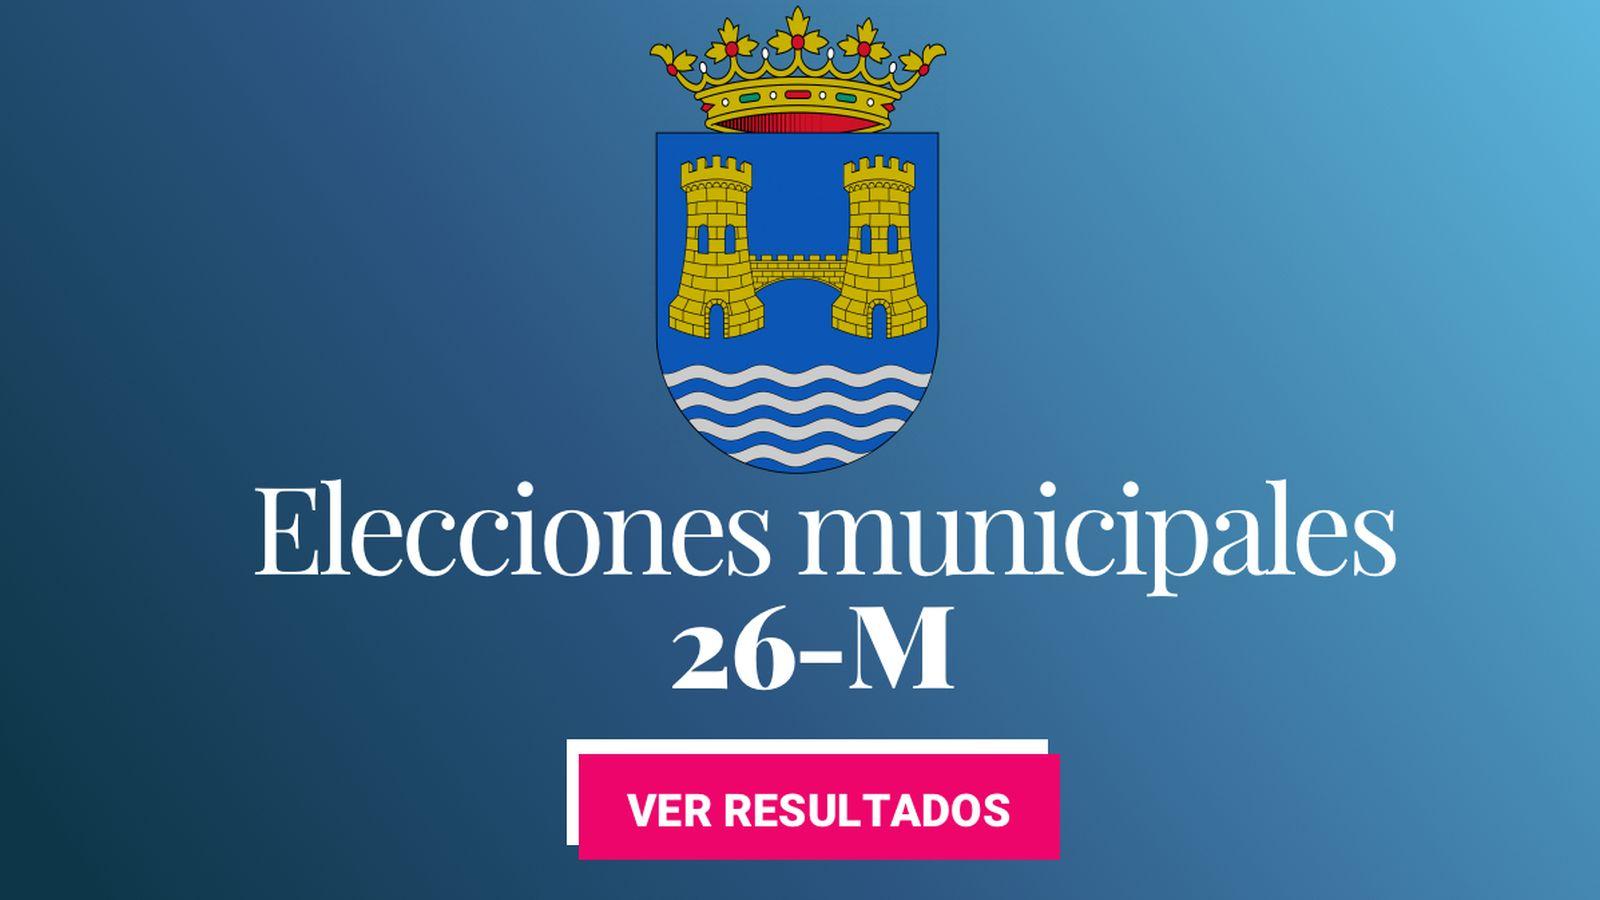 Foto: Elecciones municipales 2019 en Ponferrada. (C.C./EC)